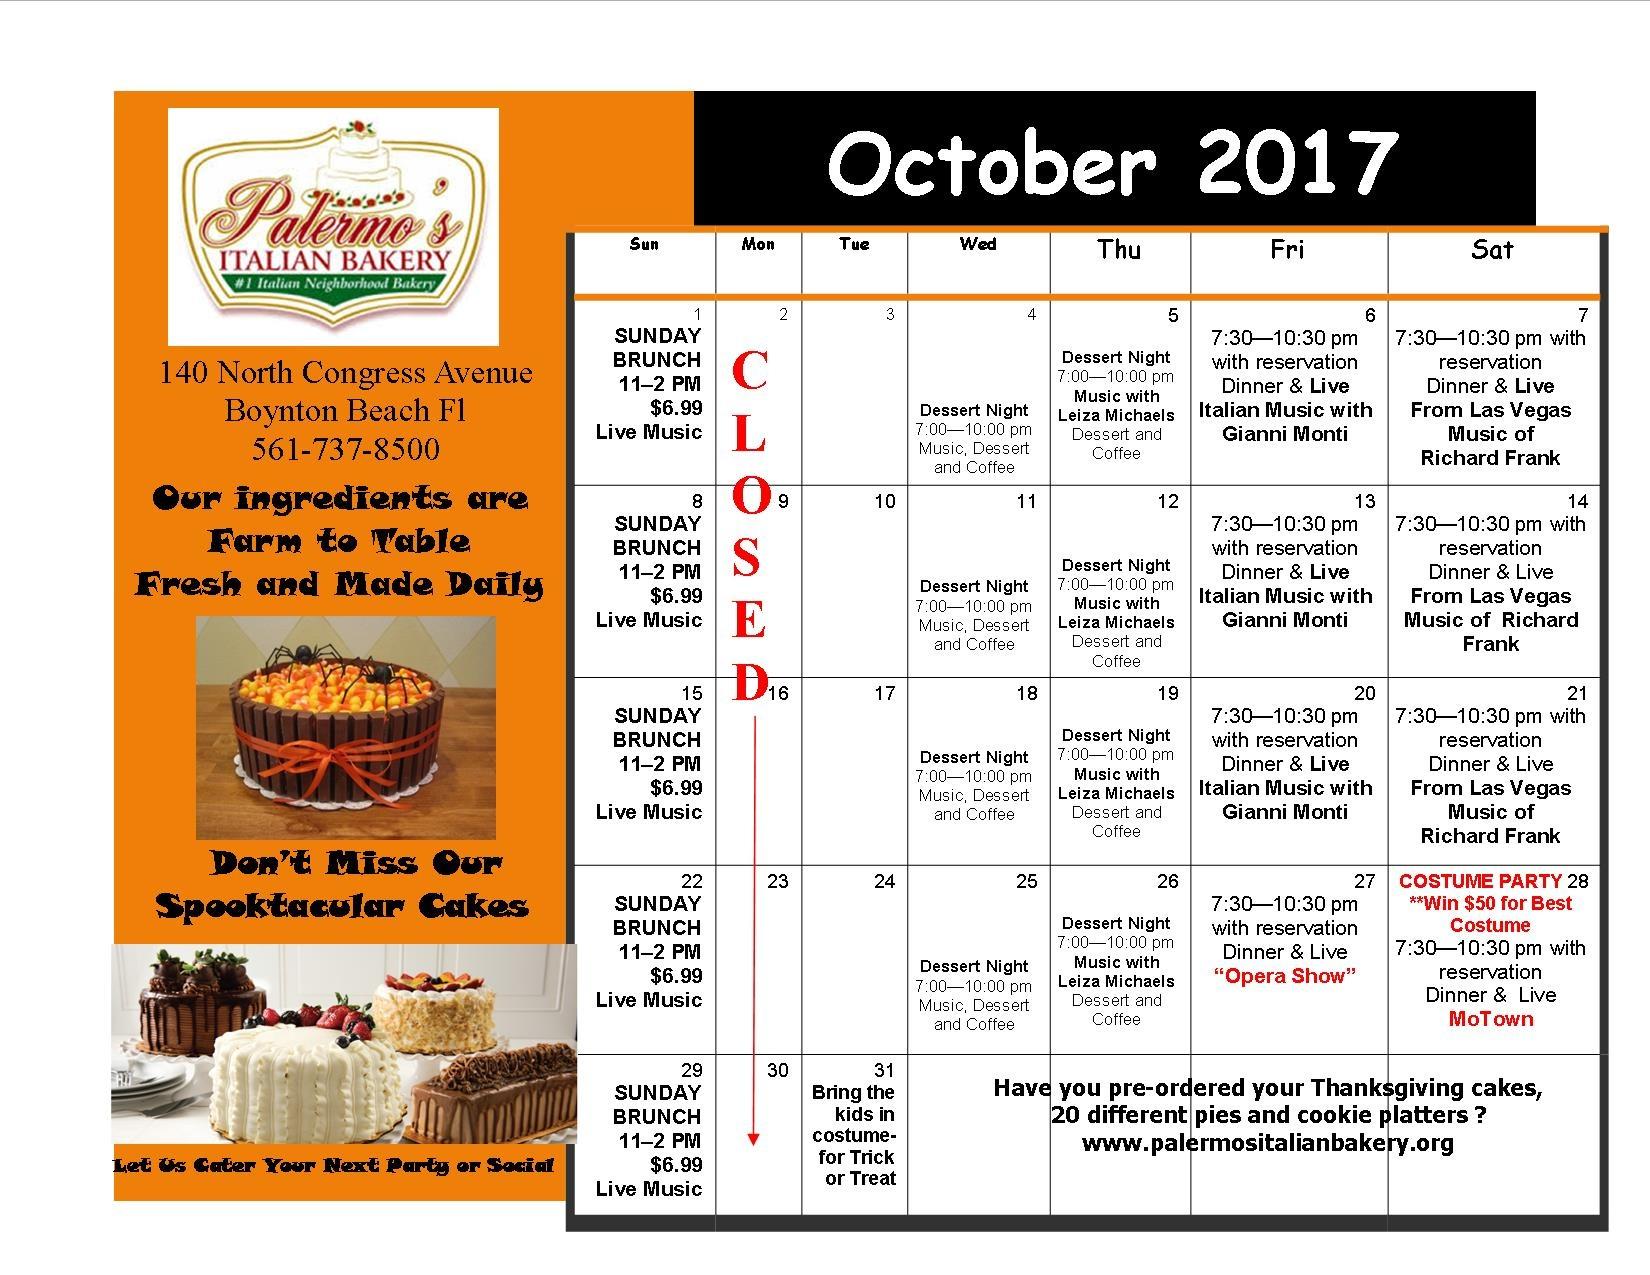 October Performance Schedule